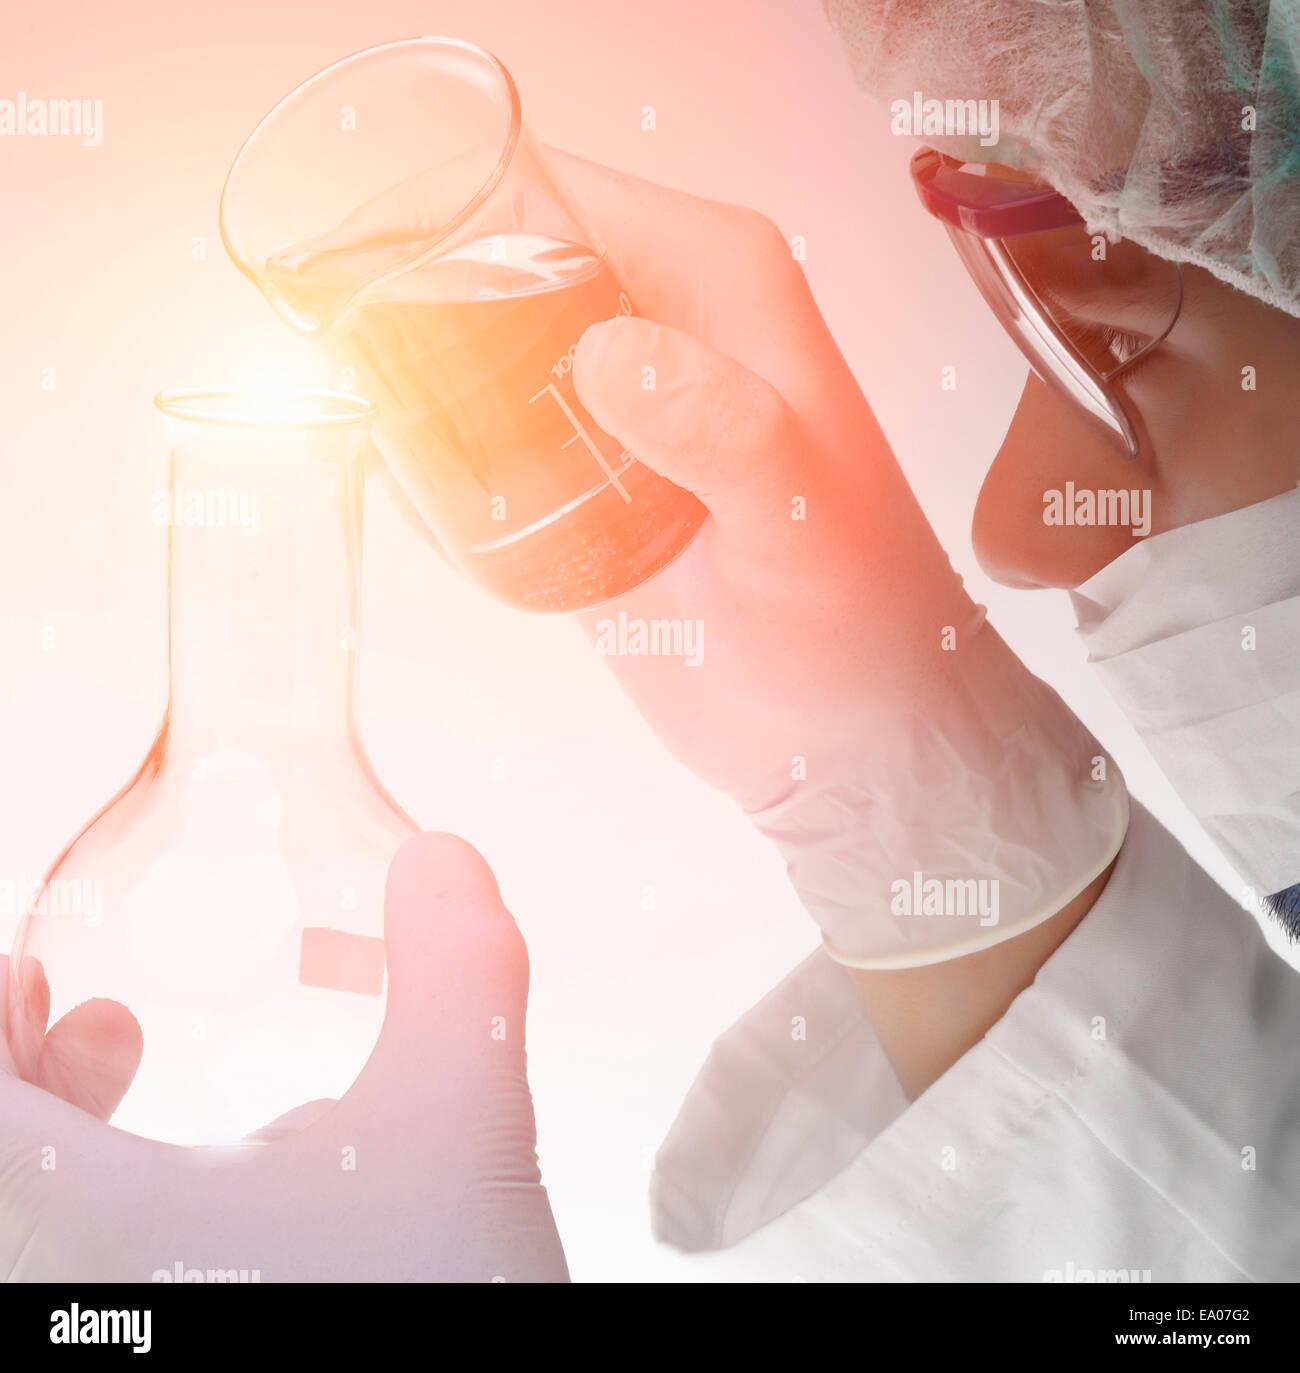 Chemiker Gießen Flüssigkeit aus Becher in Flasche Stockbild